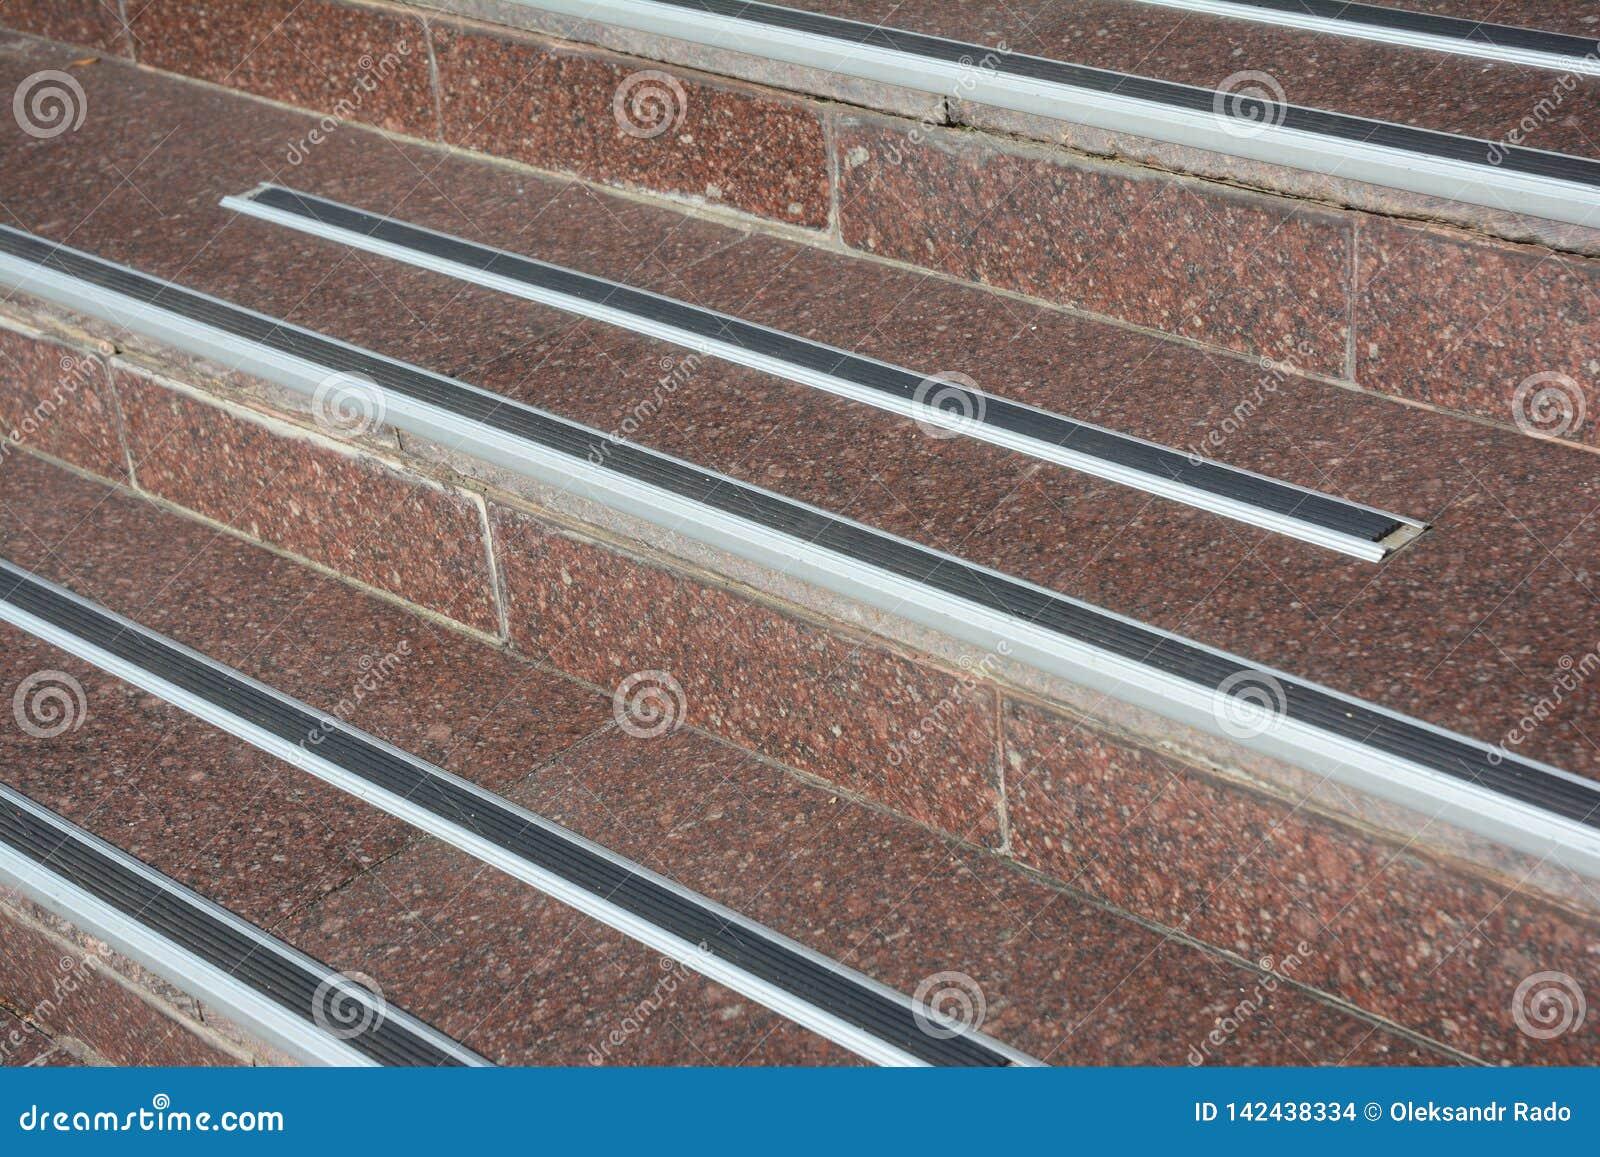 Skydda från fall för trappa för isräkning halt och att förhindra tillfälligt Hur man undviker fara fryste moment lock